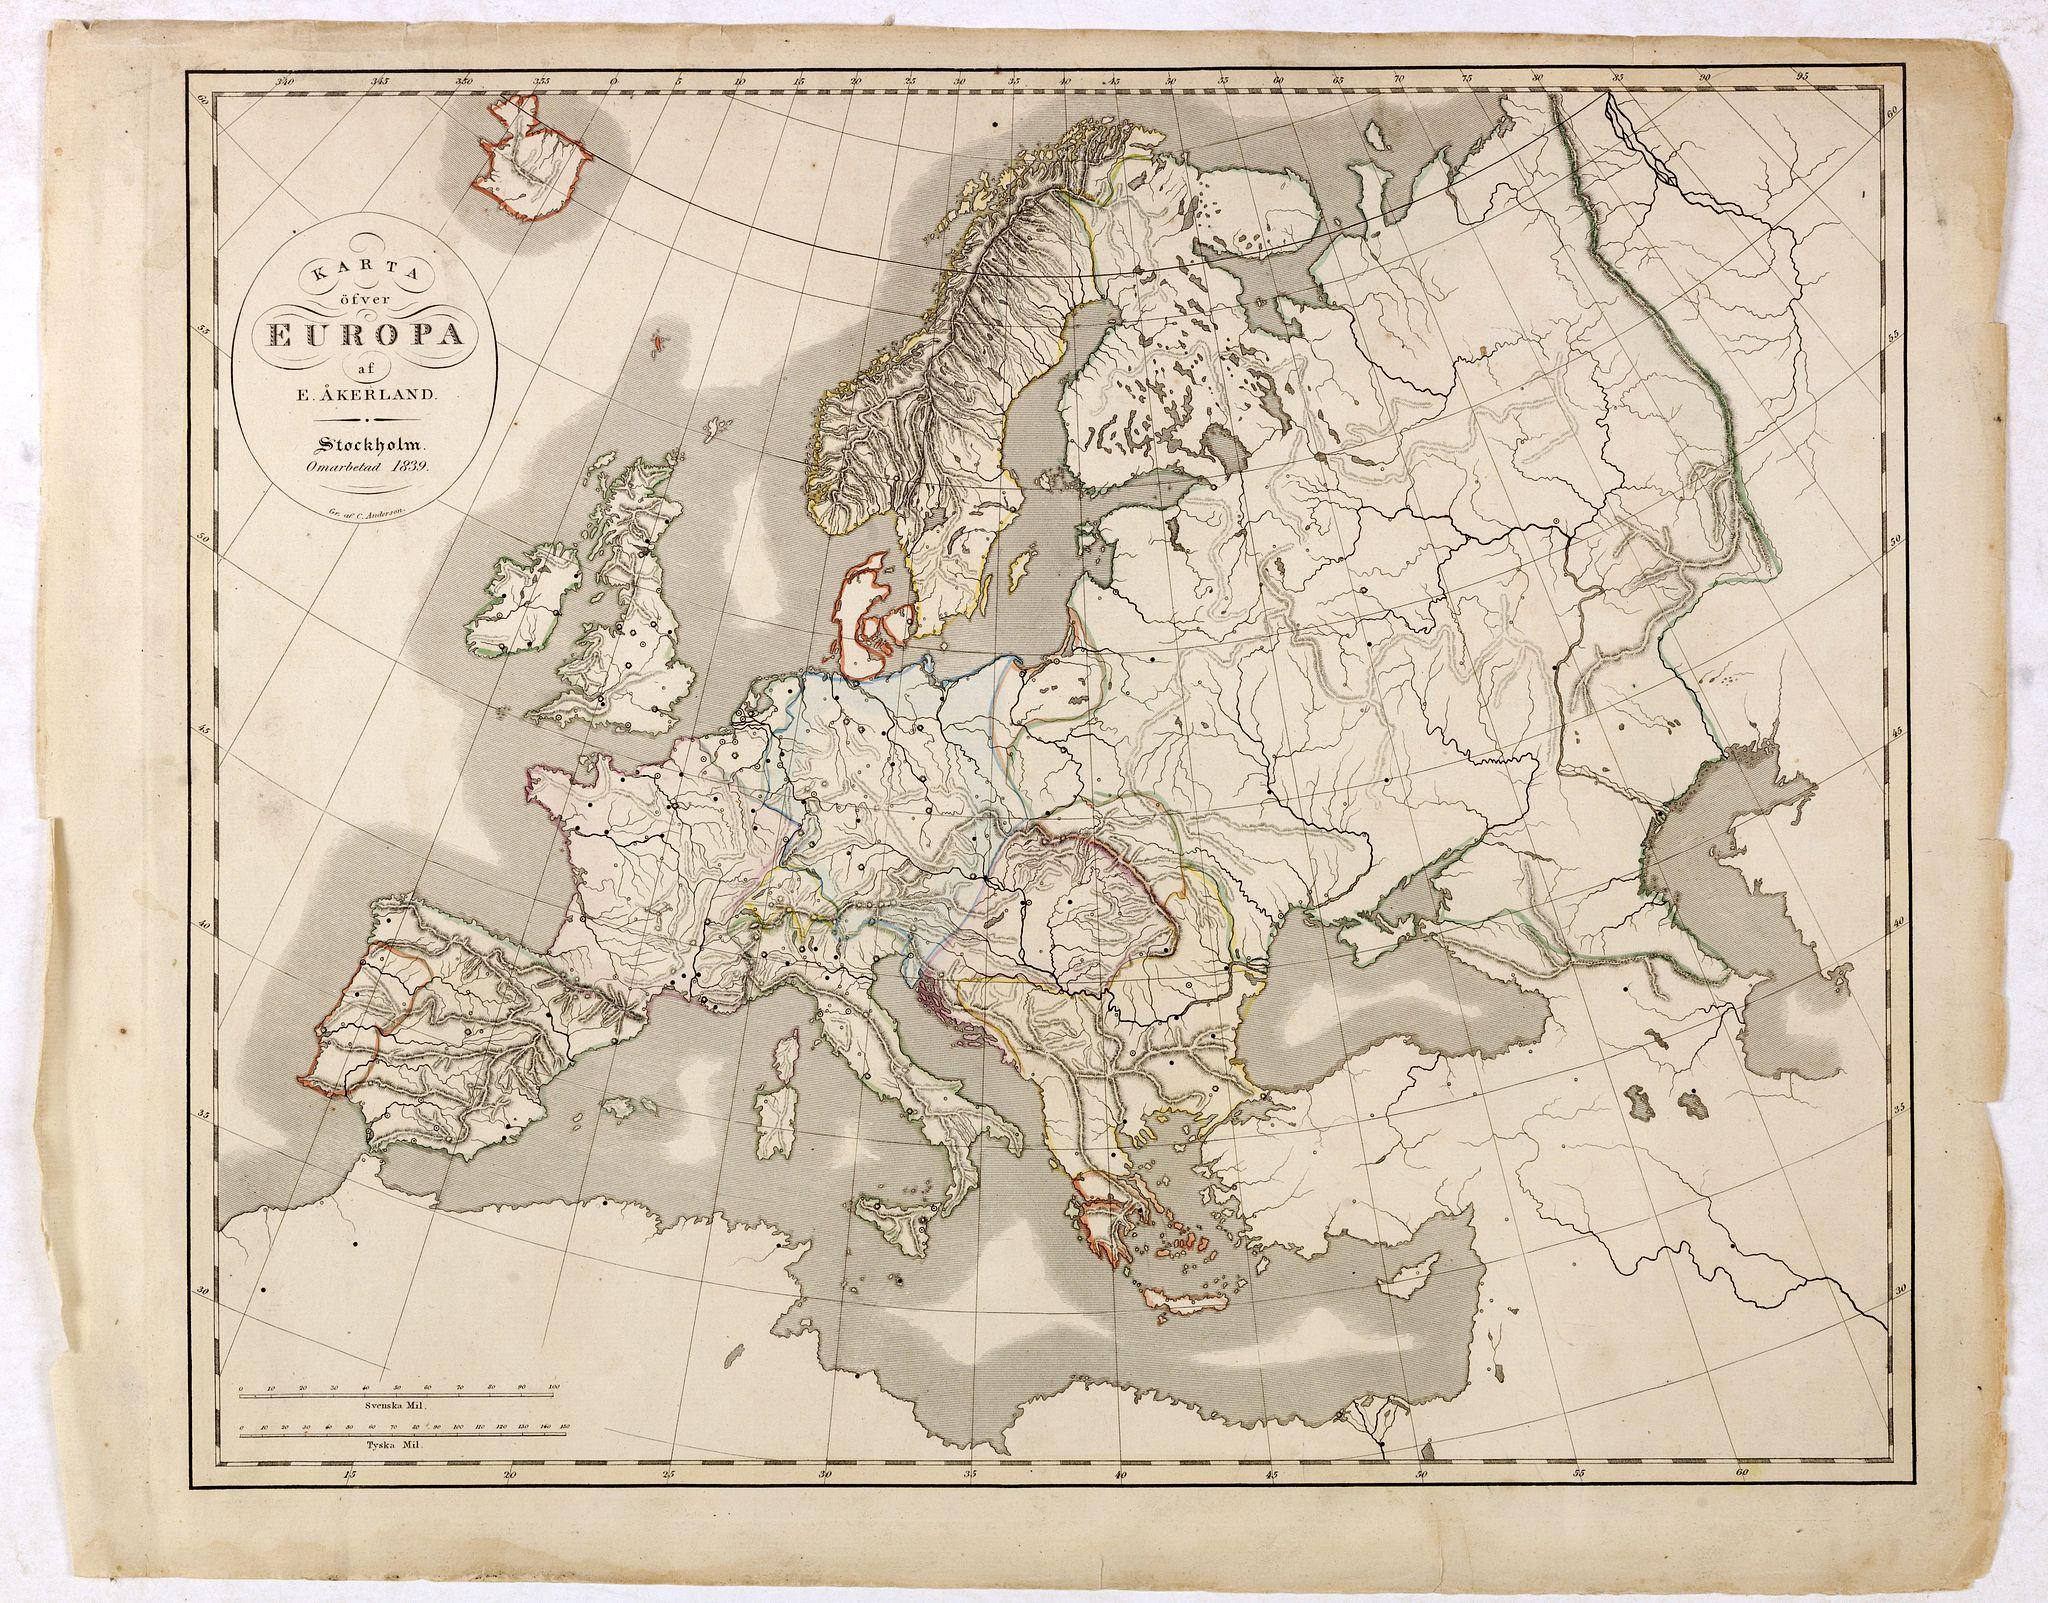 ÅKERLAND, E. -  Karta öfver Europa.